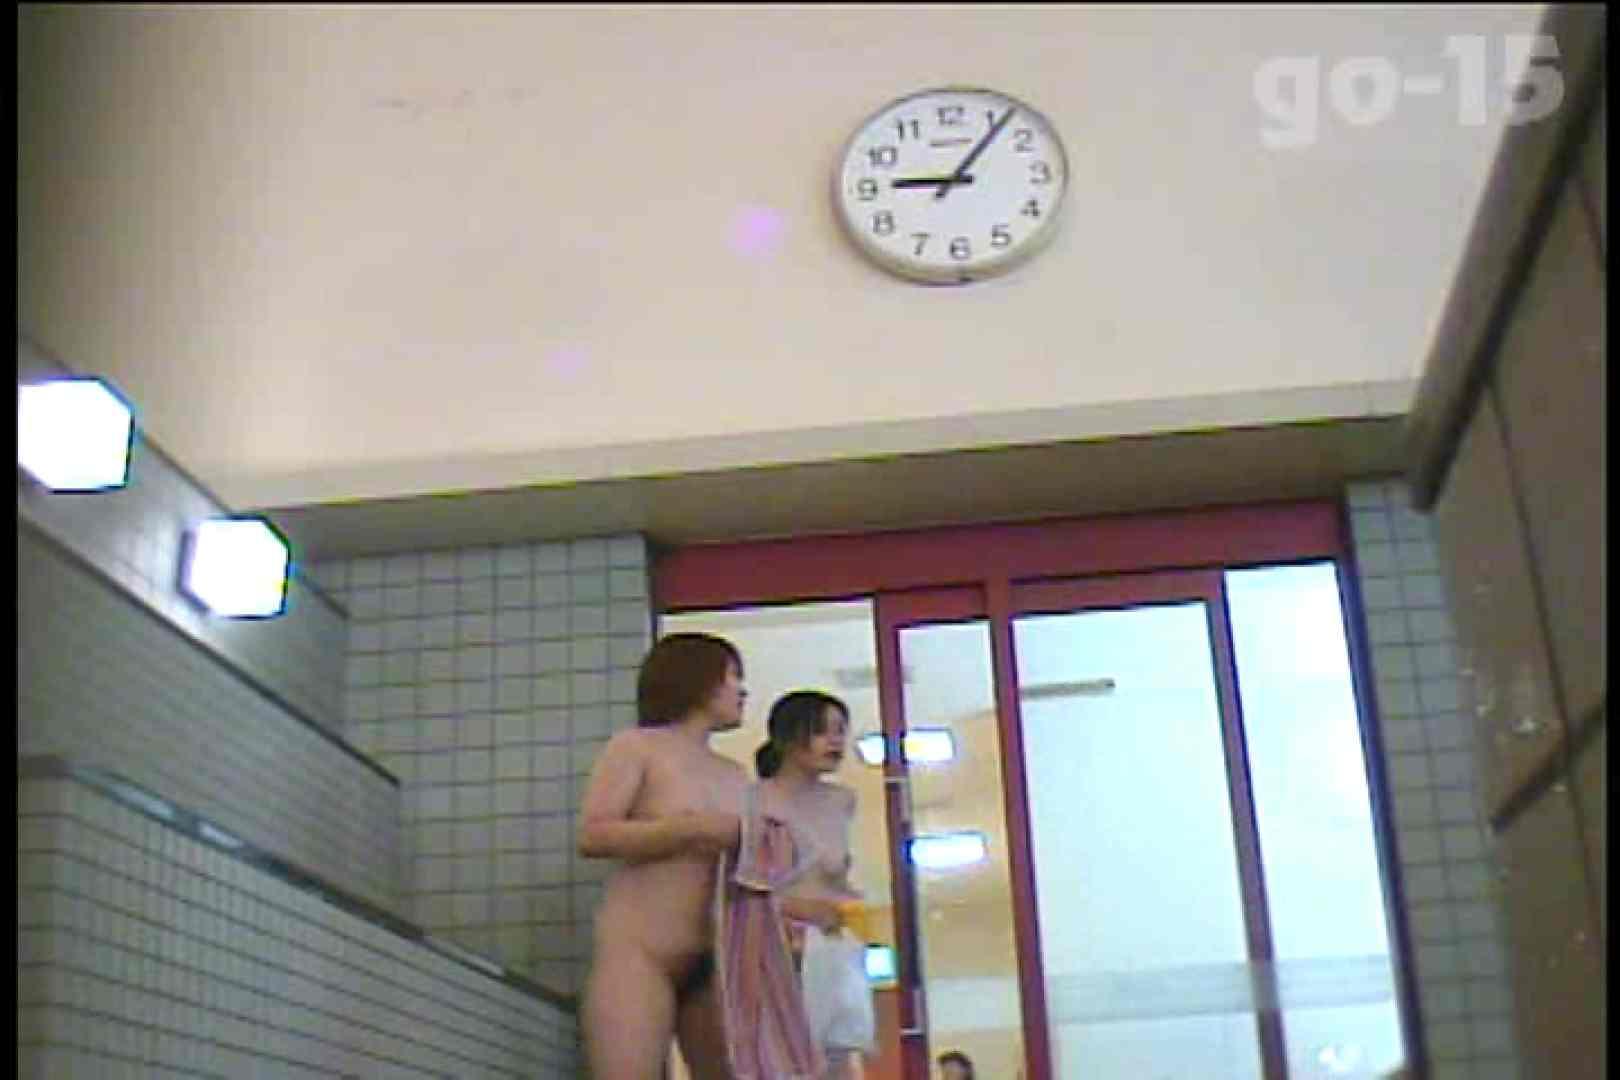 電波カメラ設置浴場からの防HAN映像 Vol.15 アラ30 | お姉さんのSEX  108枚 82